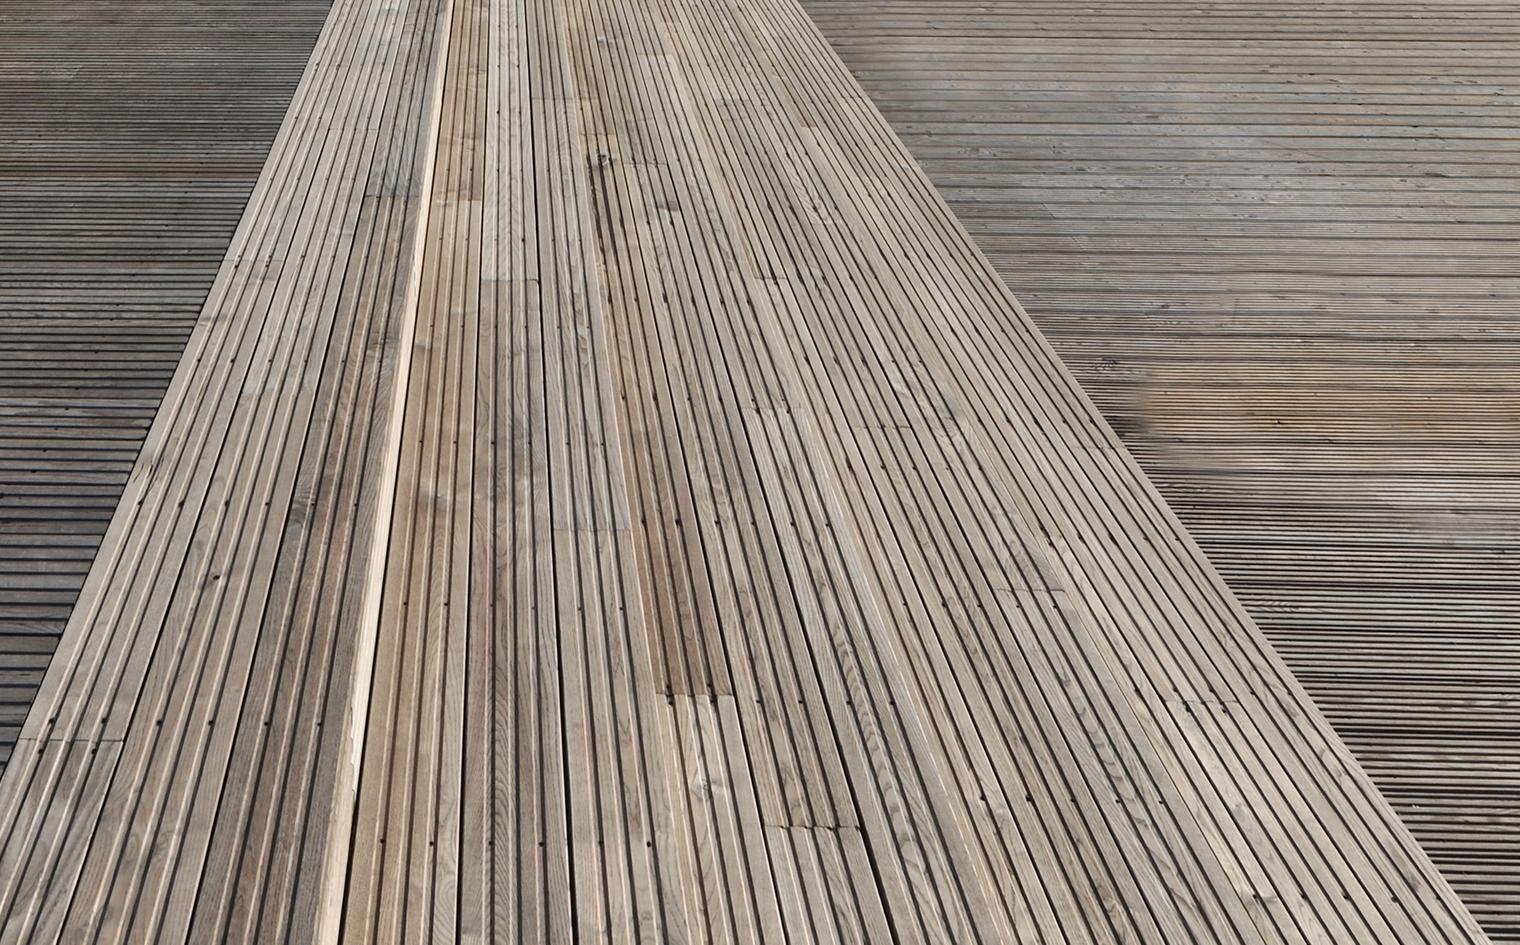 SCHLUMS + FRANZEN Architekten, Westerland, Sylt   Referenzen